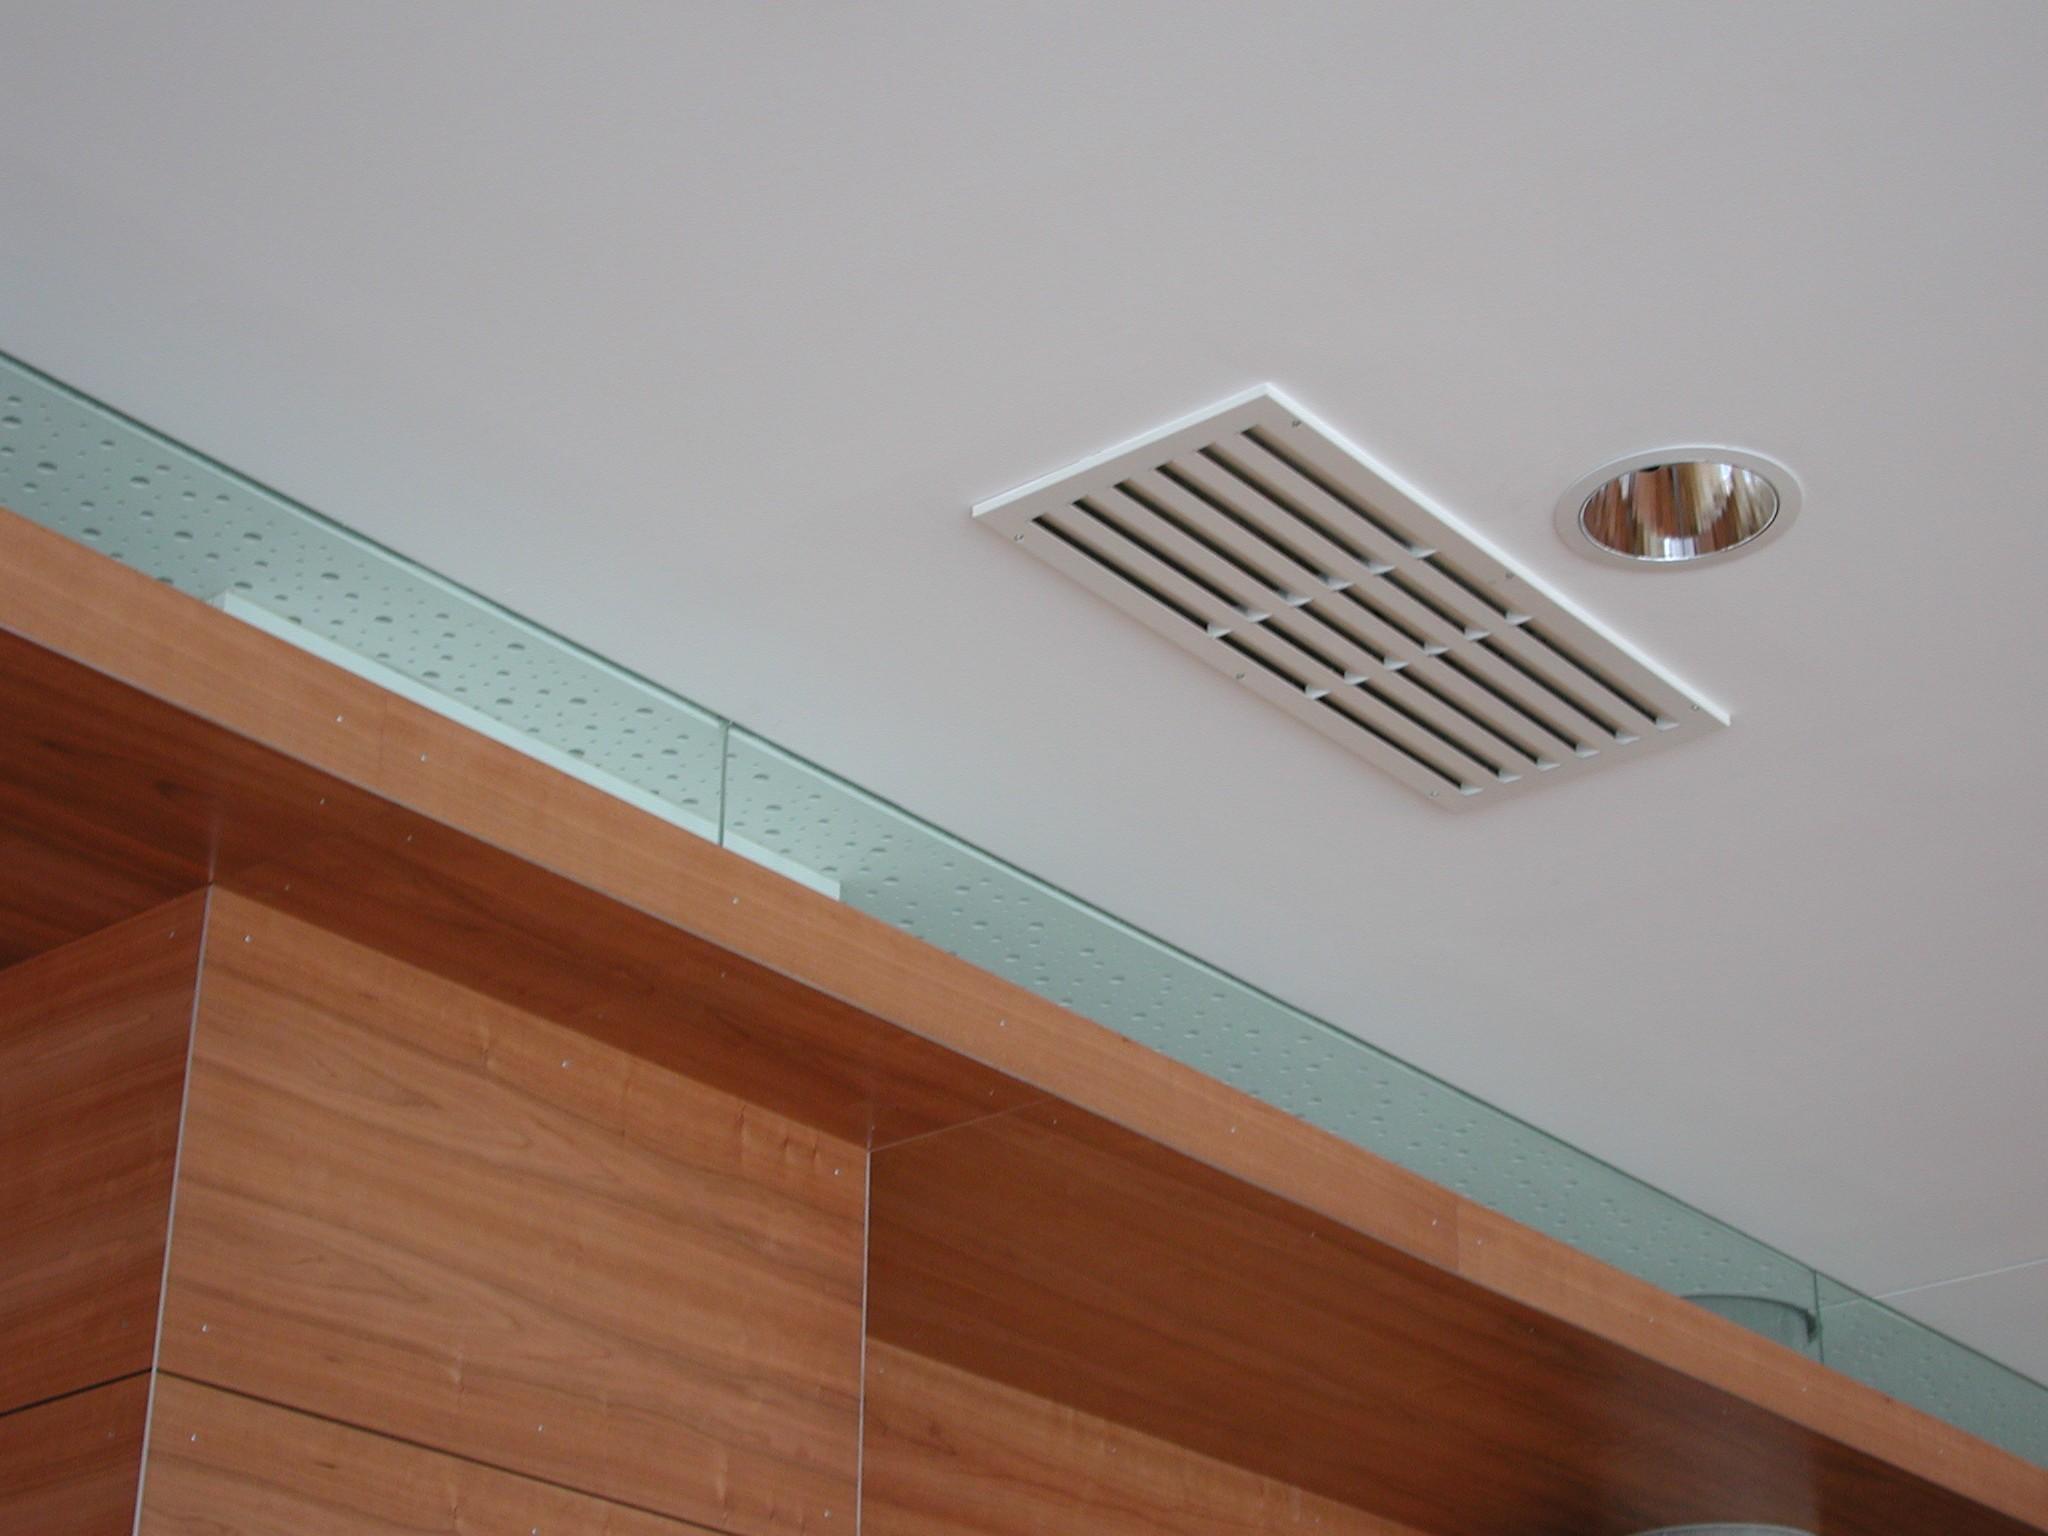 Диффузор можно устанавливать как в стену, так и в потолок